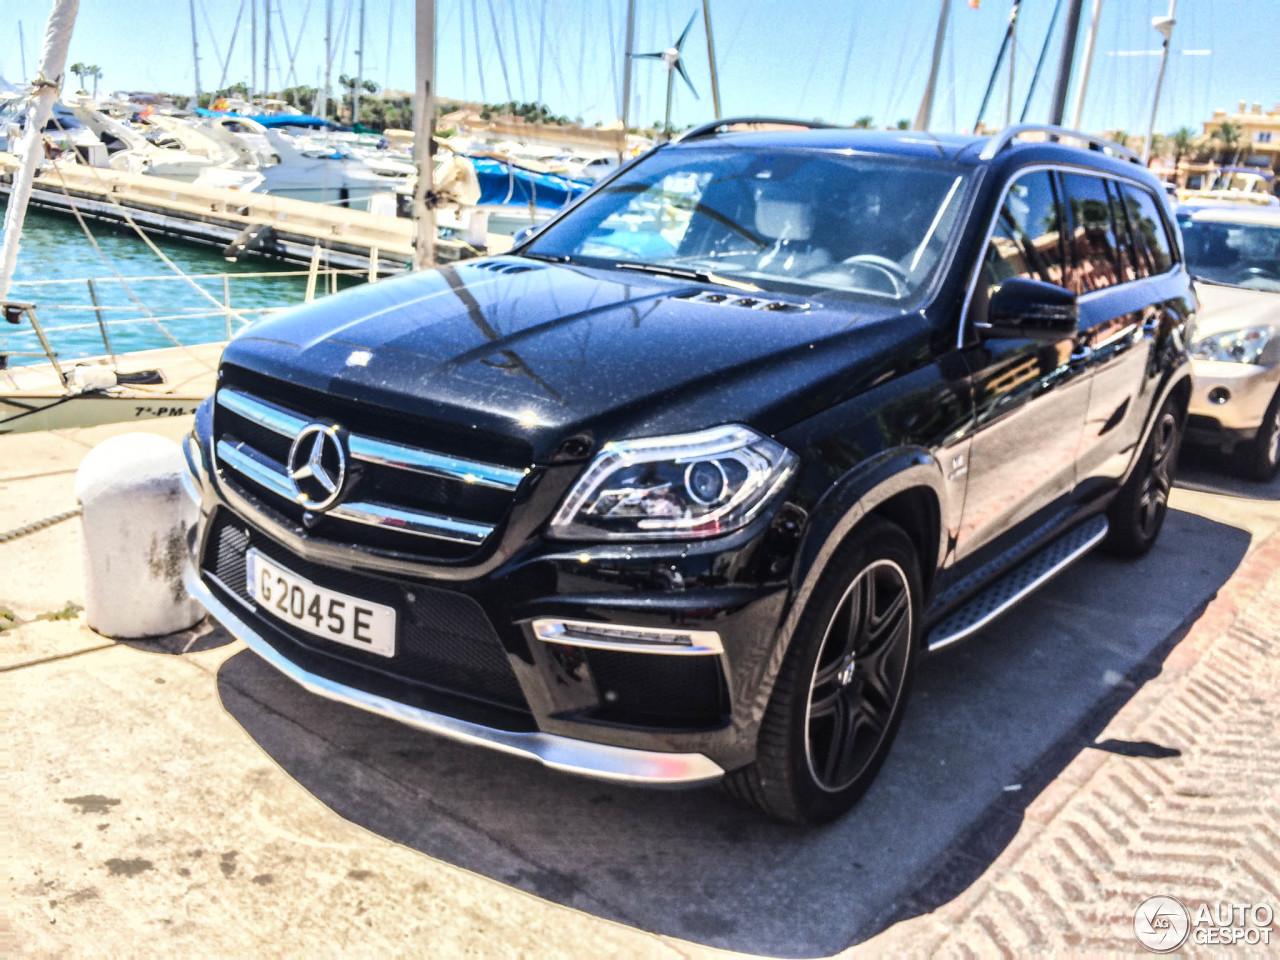 Mercedes benz gl 63 amg x166 5 september 2015 autogespot for Mercedes benz gl amg 2015